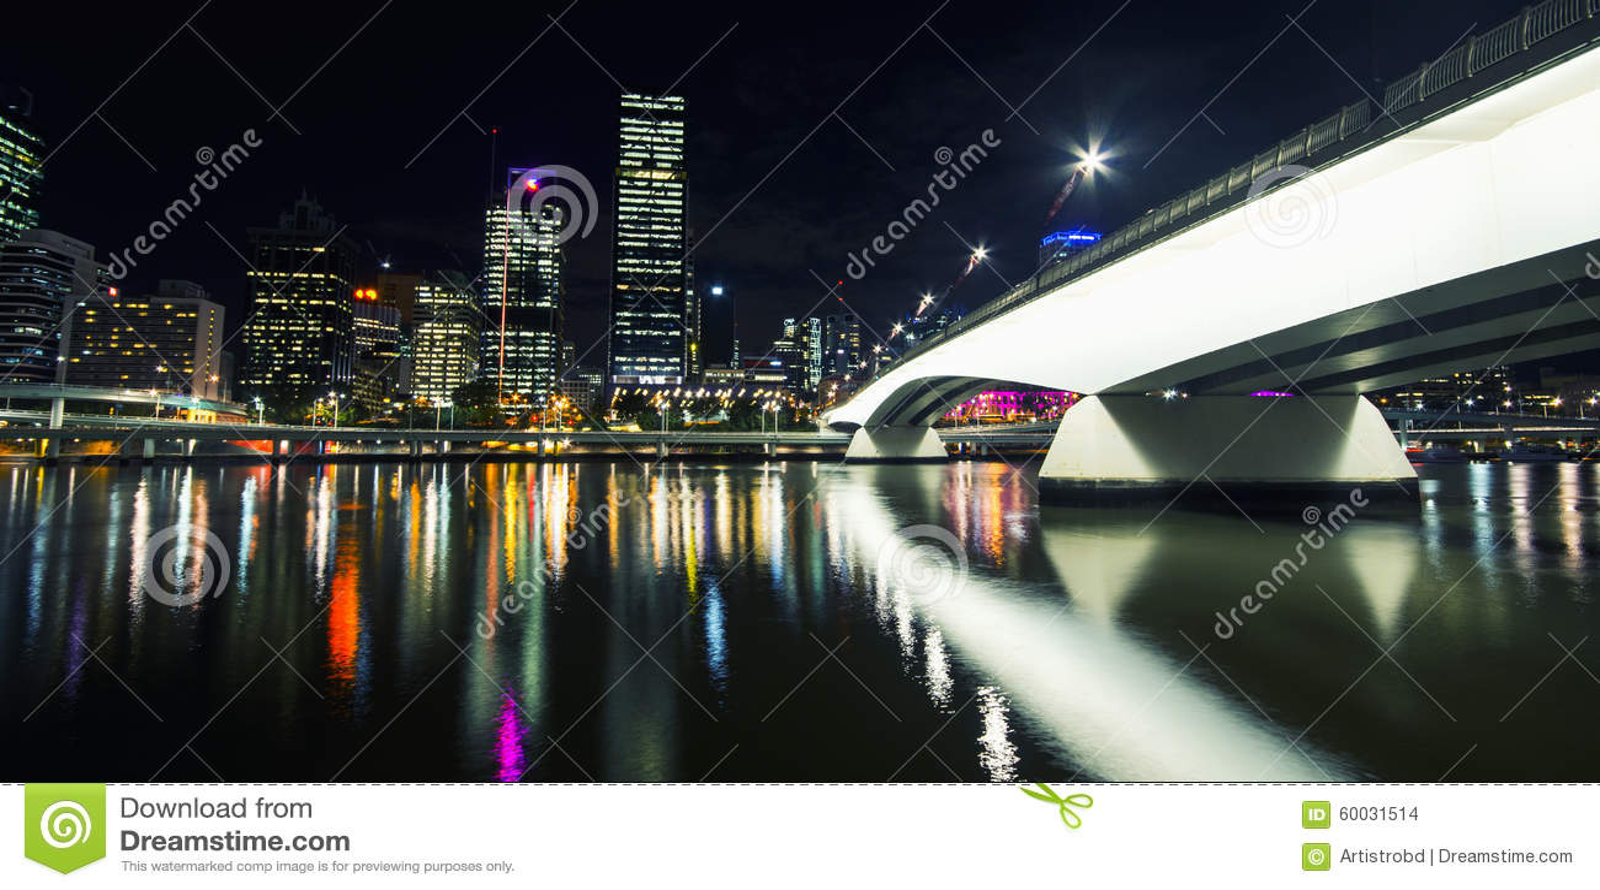 Add days to date in Brisbane